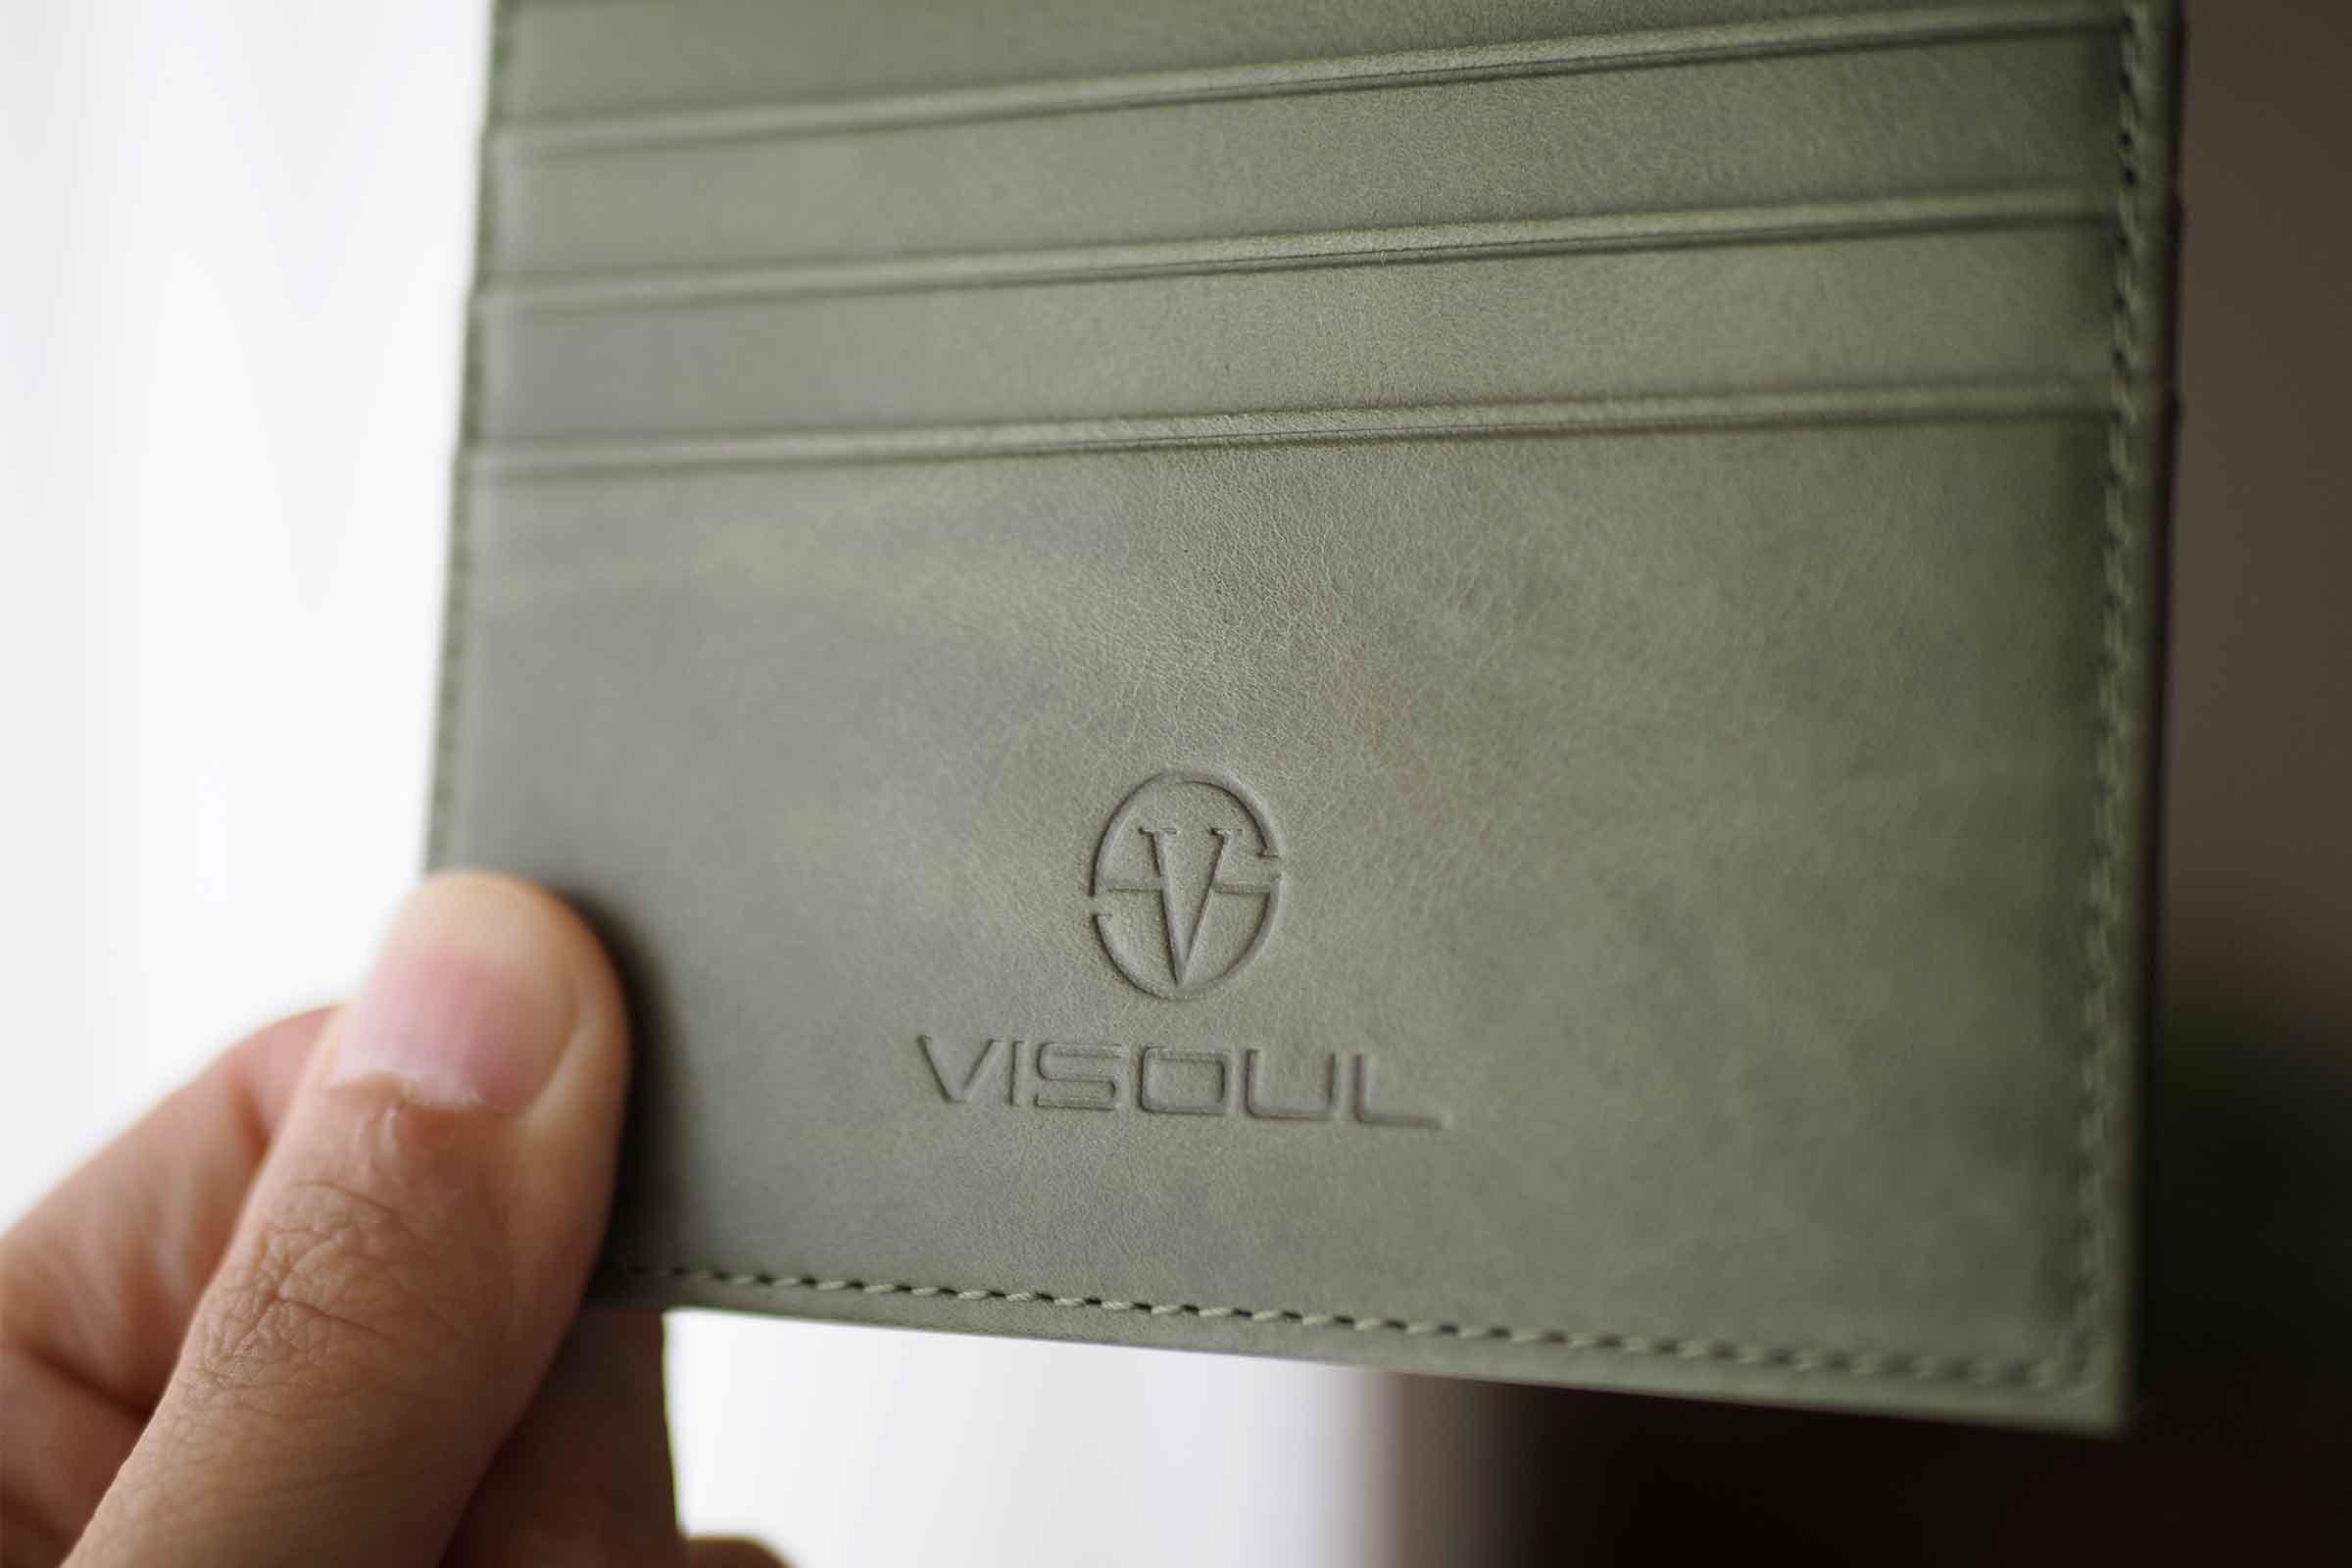 カードケース,VISOUL,小さい,薄い,安い,コンパクト,本革,牛皮,大人,シンプル,グリーン